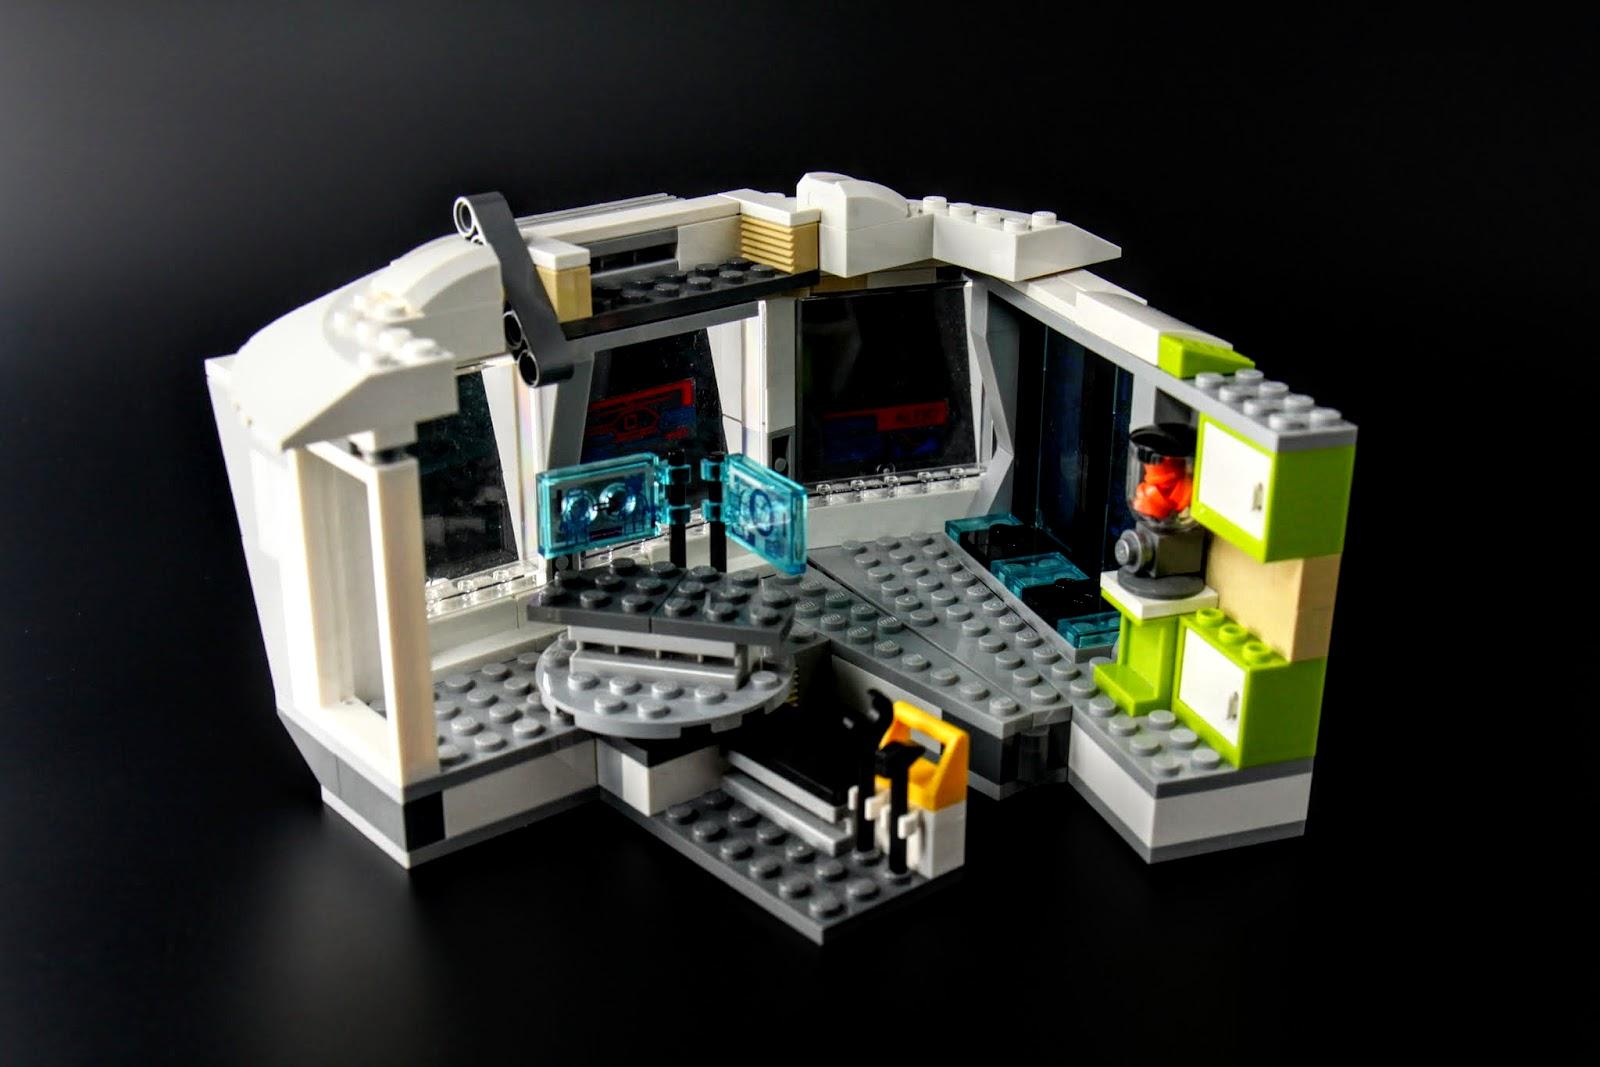 但其實只有別墅的一隅,而且跟設定不一樣,這區塊原本應該是客廳之類的